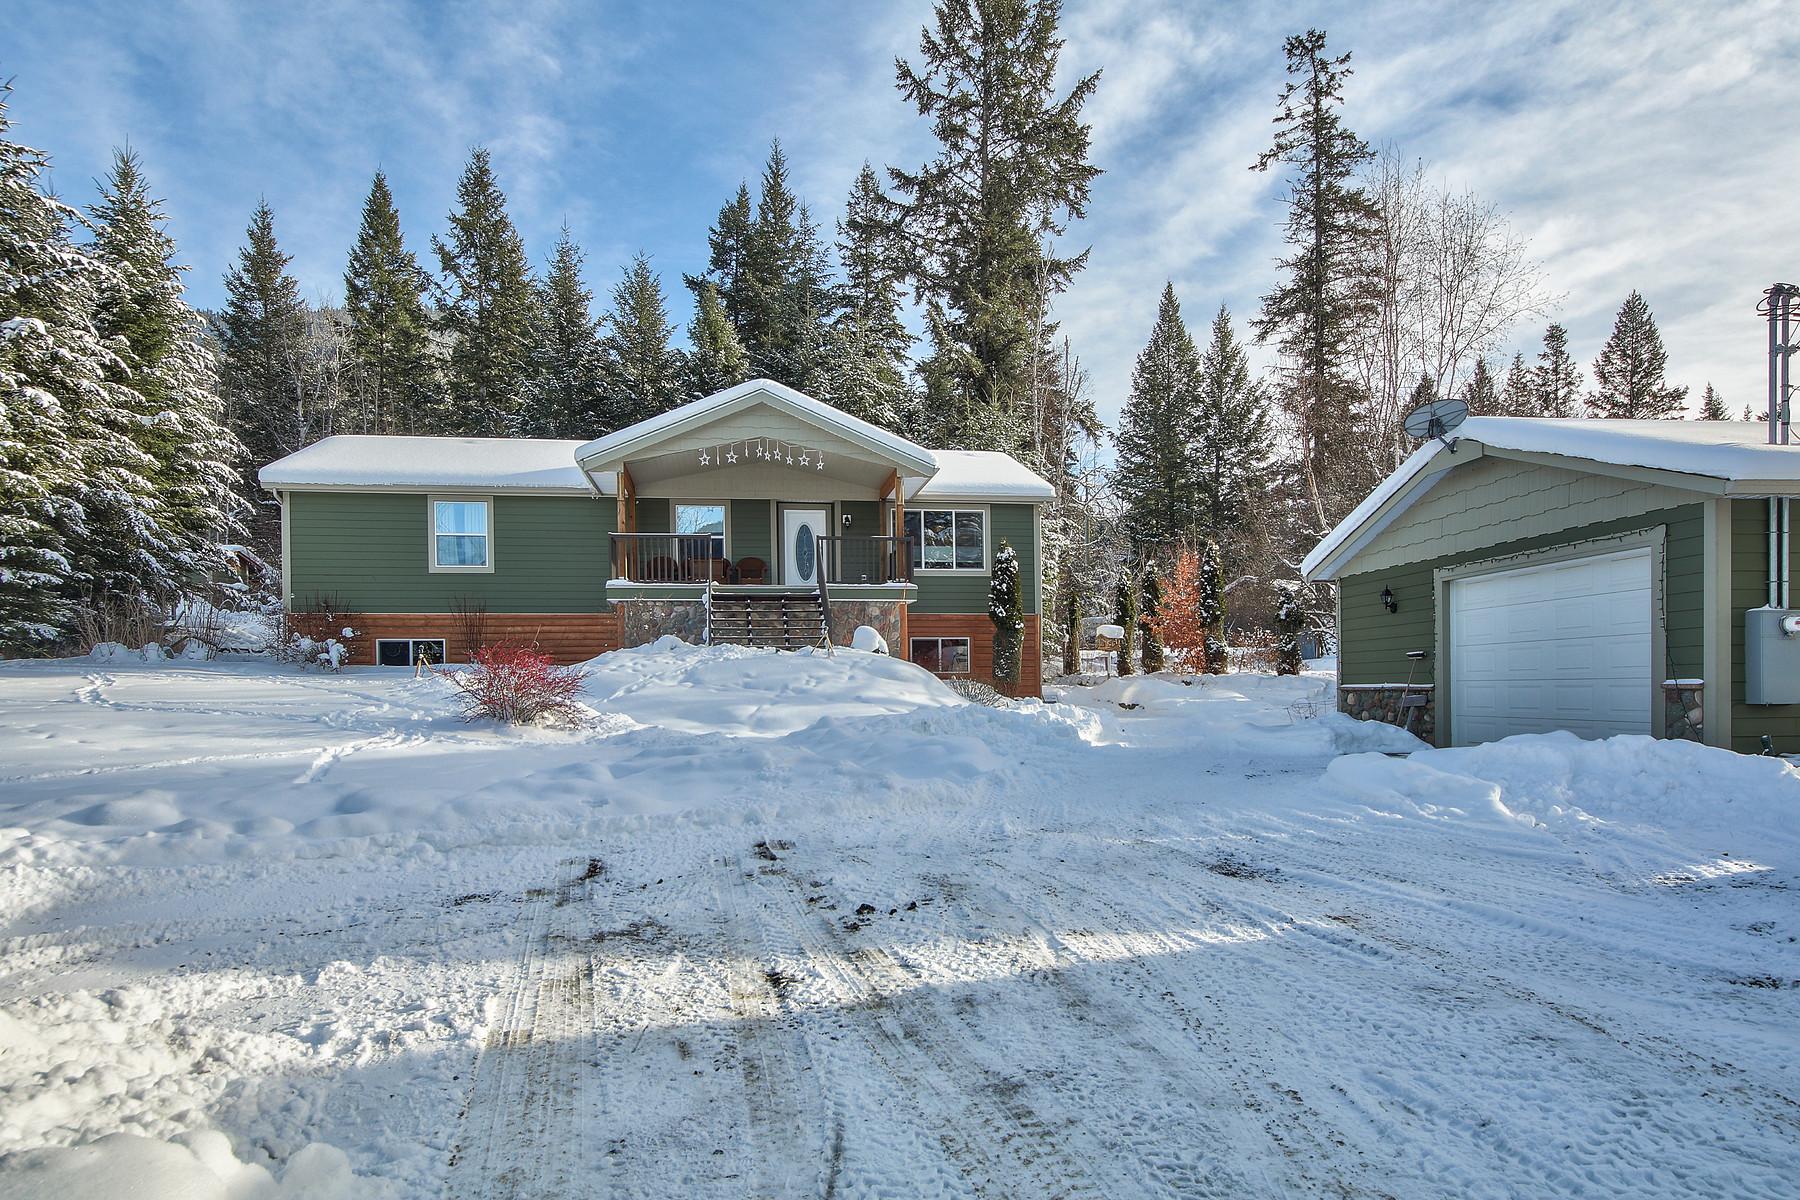 Частный односемейный дом для того Продажа на 7320 Cahilty Crescent Heffley Creek, Британская Колумбия, V0E 1Z1 Канада